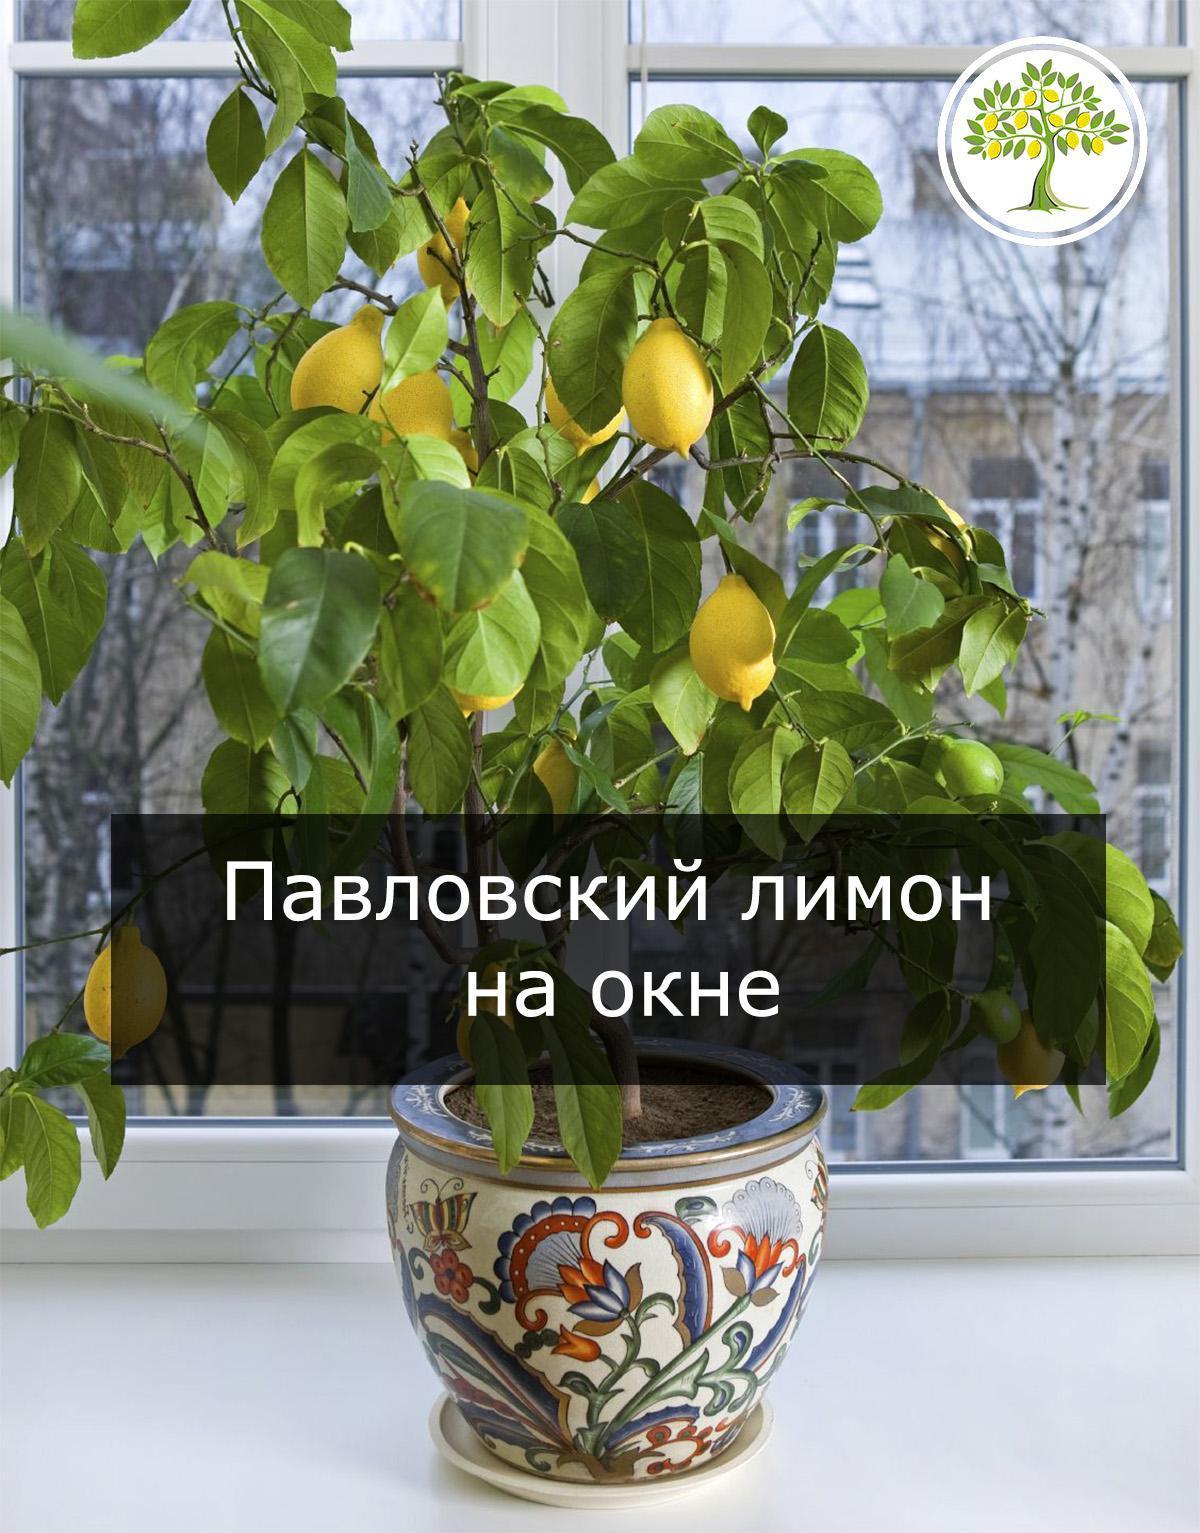 Дерево павловского лимона в интерьере фото